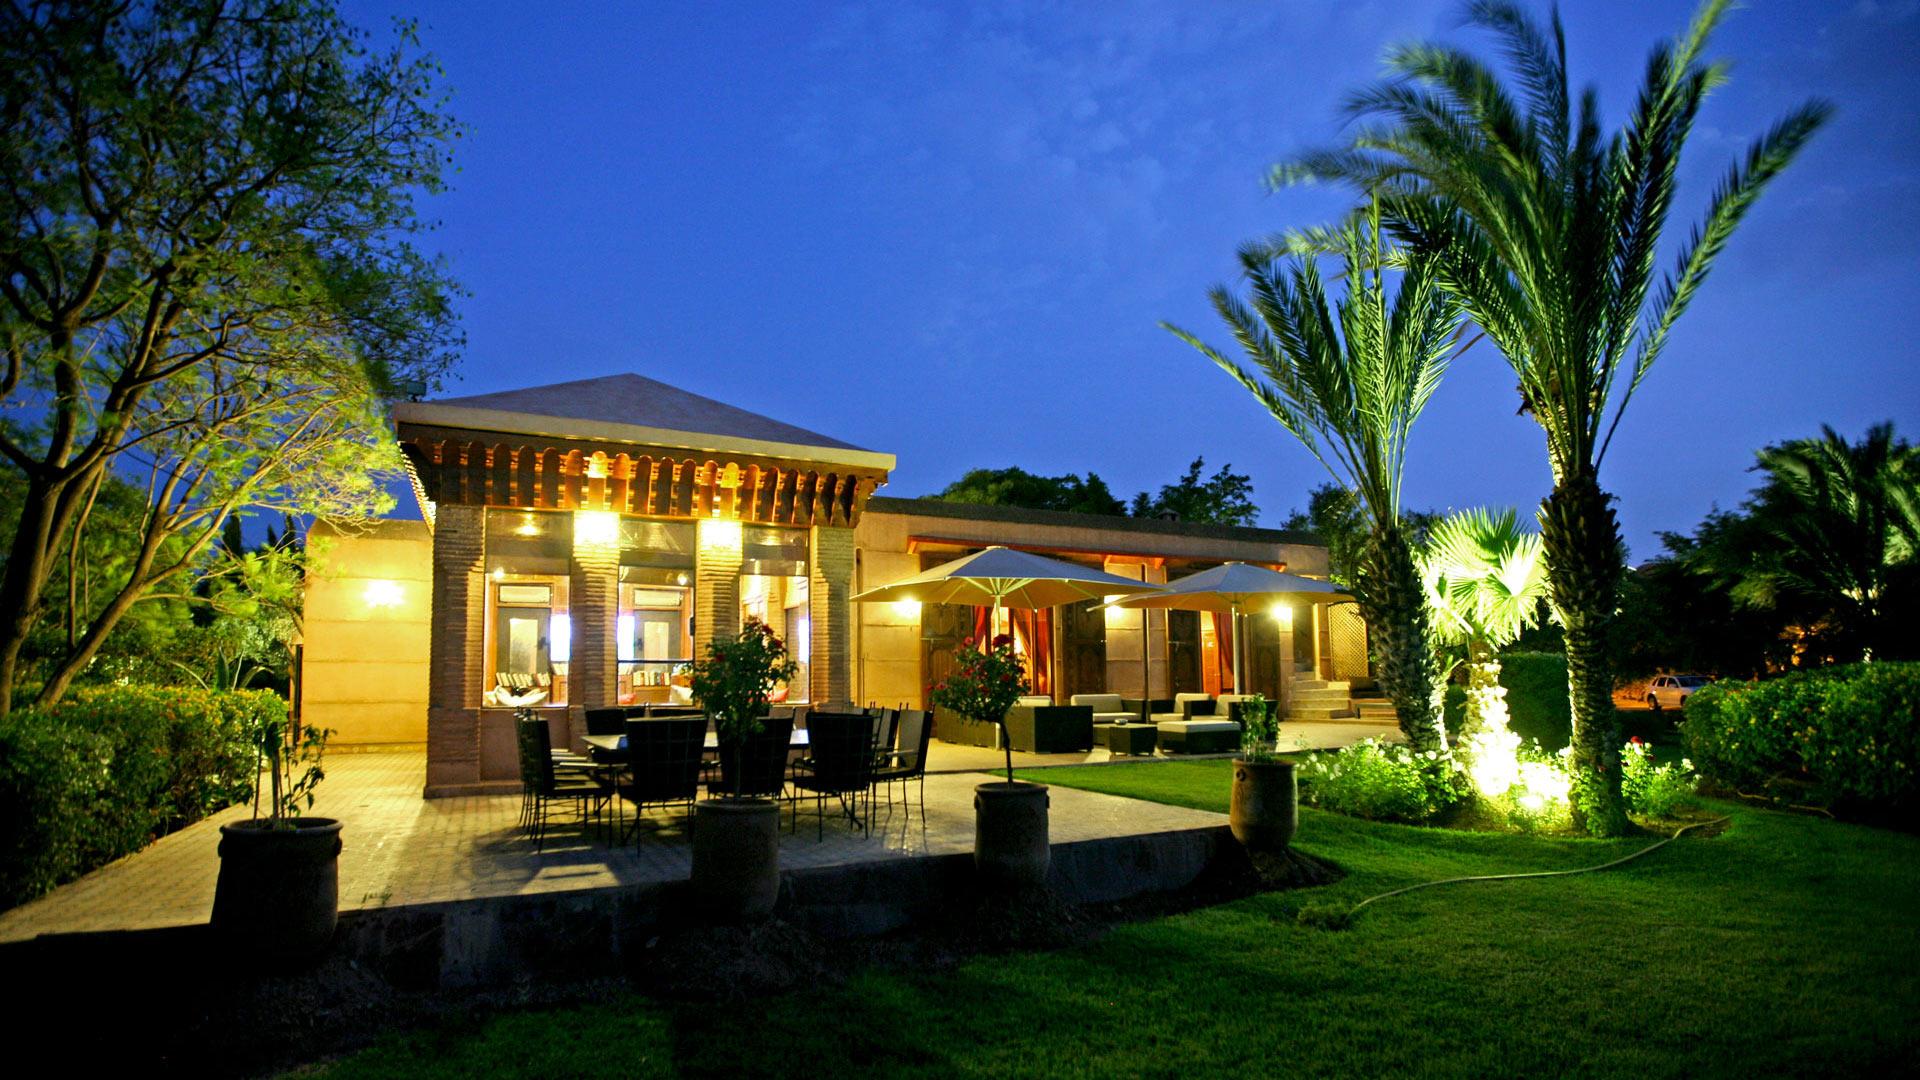 Villa Villa Kya, Rental in Marrakech